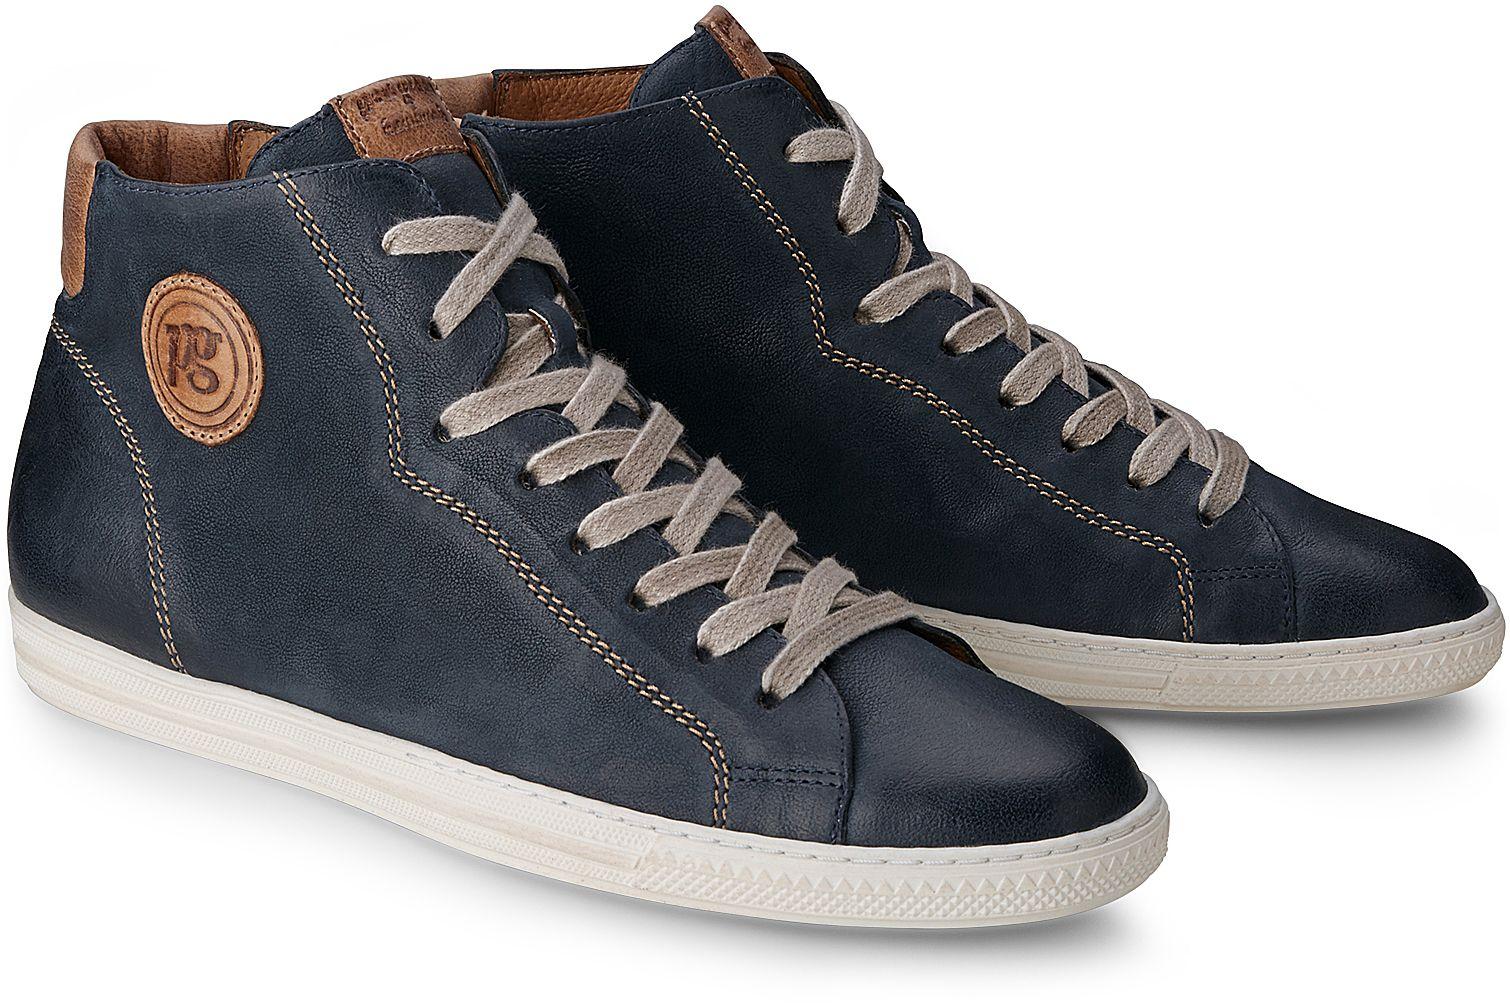 a87cbf74d999f9 Hochschaft Sneaker von Paul Green in blau dunkel für Damen. Gr. 35  1 3